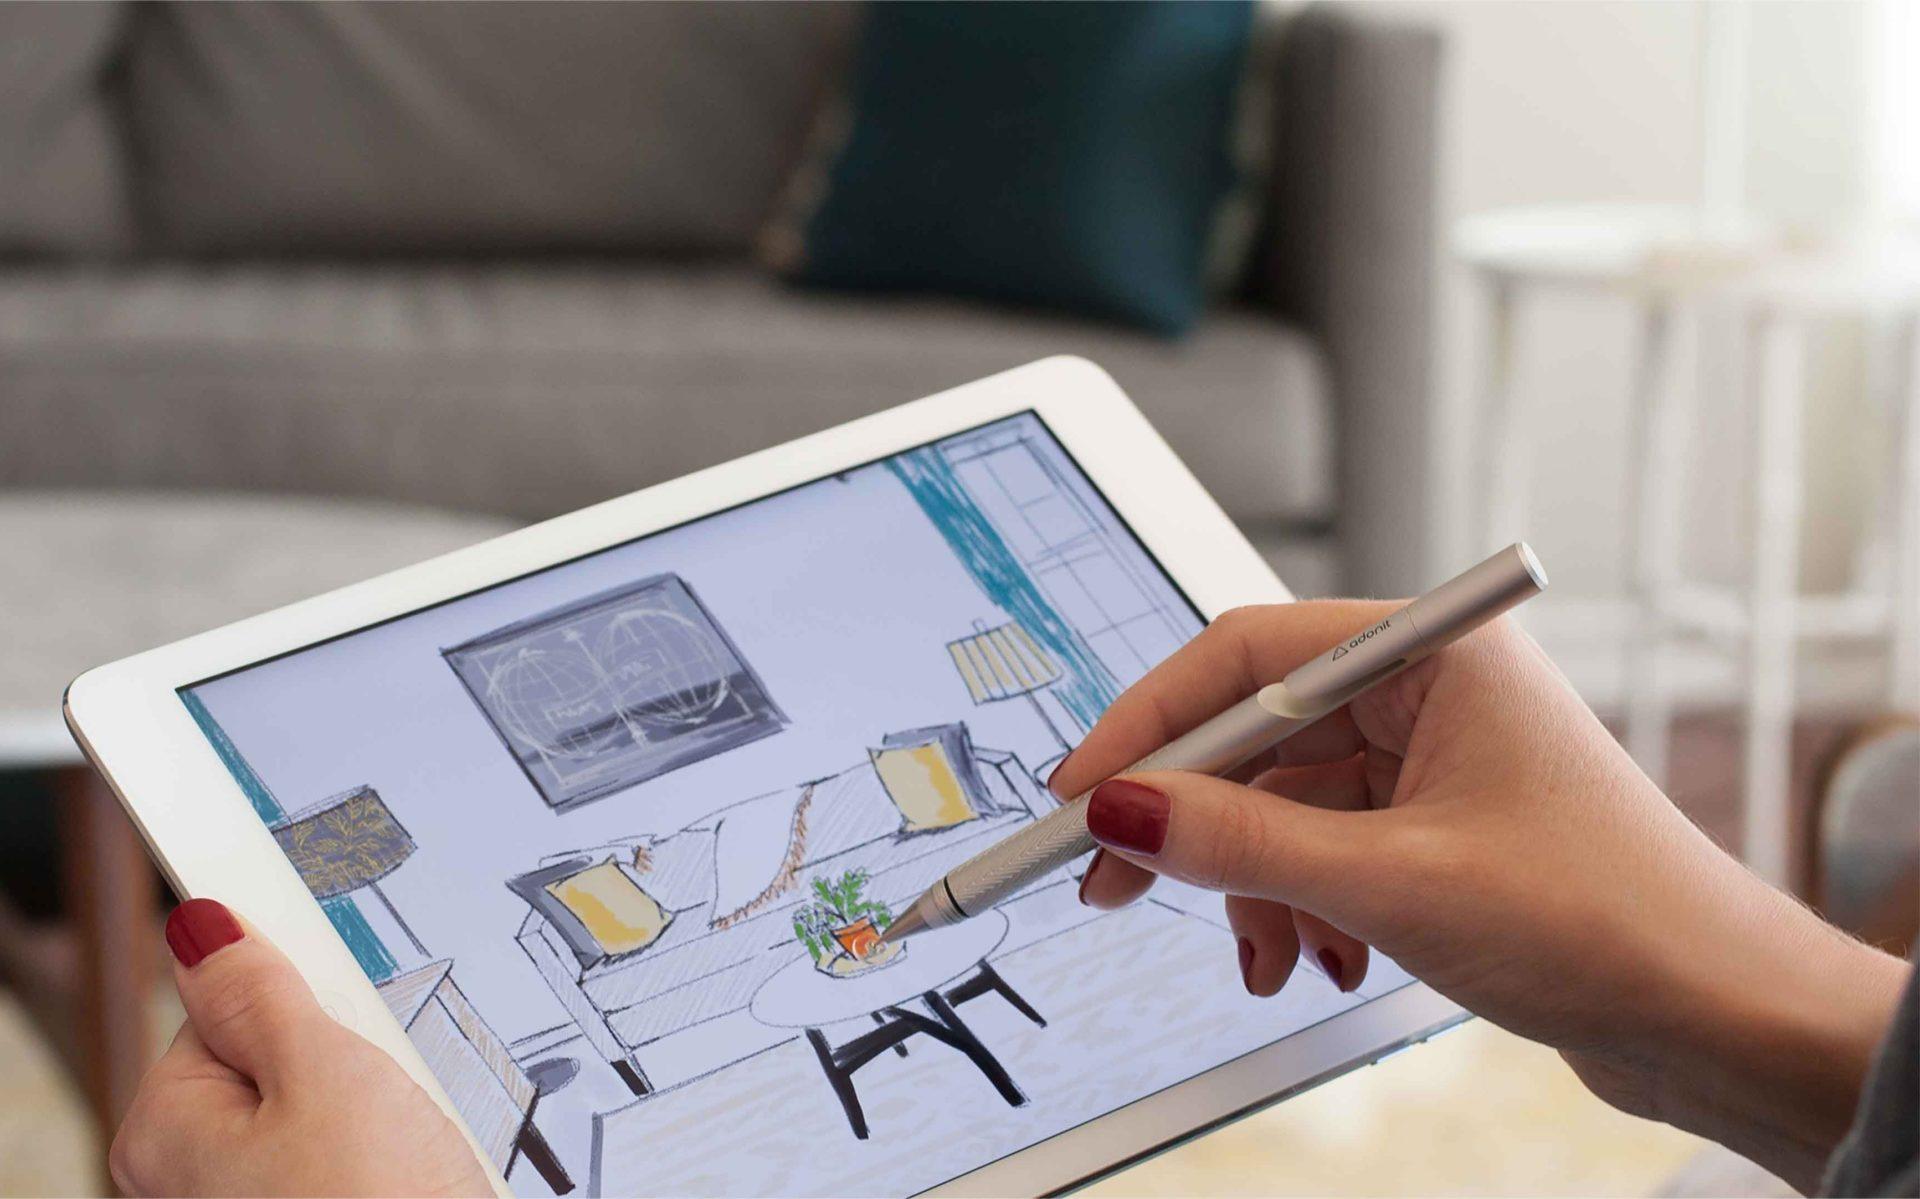 Aplicaciones para dibujar en tablet